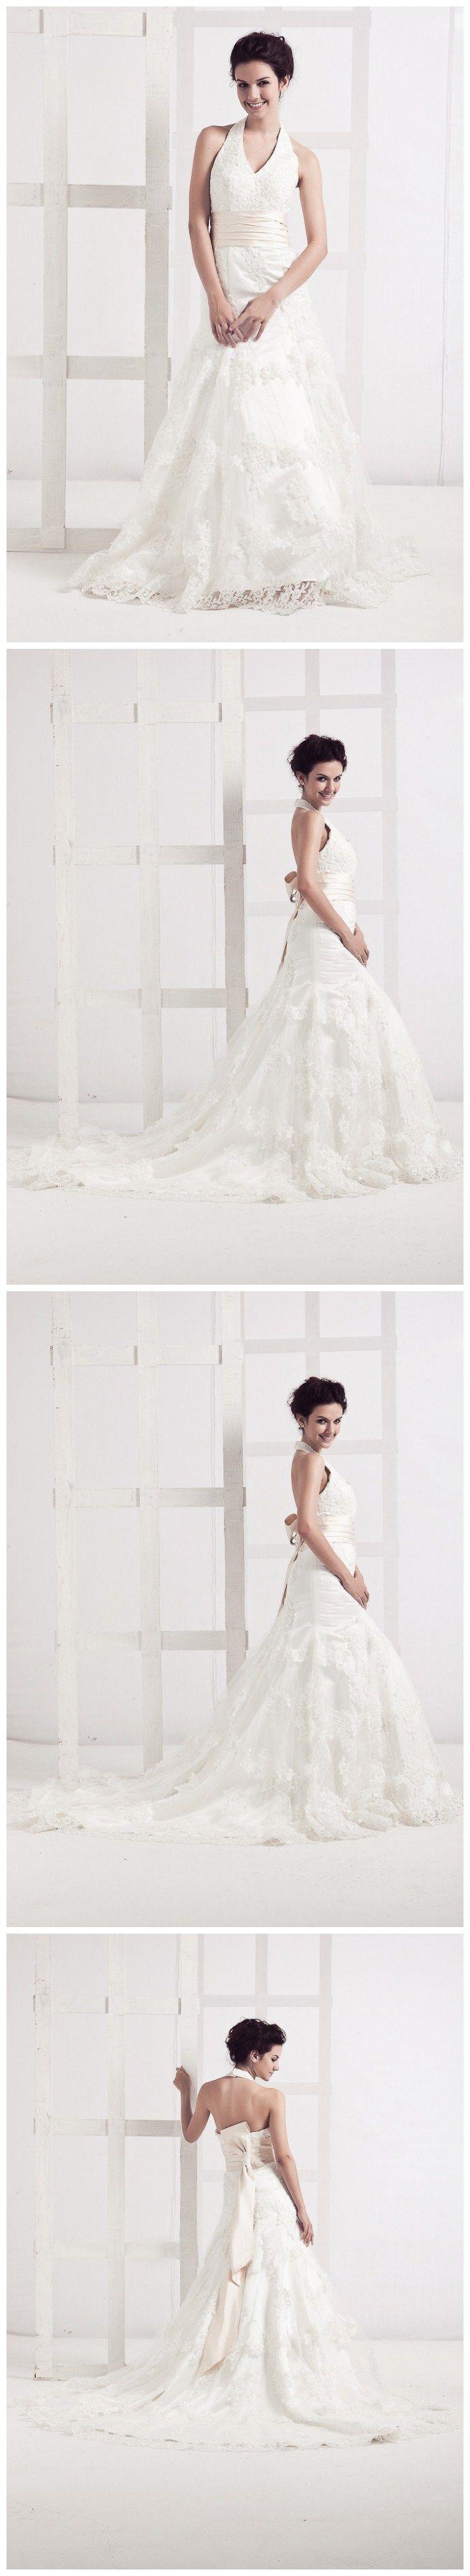 Ooooooohh. :)i love it  Read More:     http://weddingsred.com/index.php?r=graceful-3-rhinestones-peep-toe-wedding-pumpsb110020dis.html